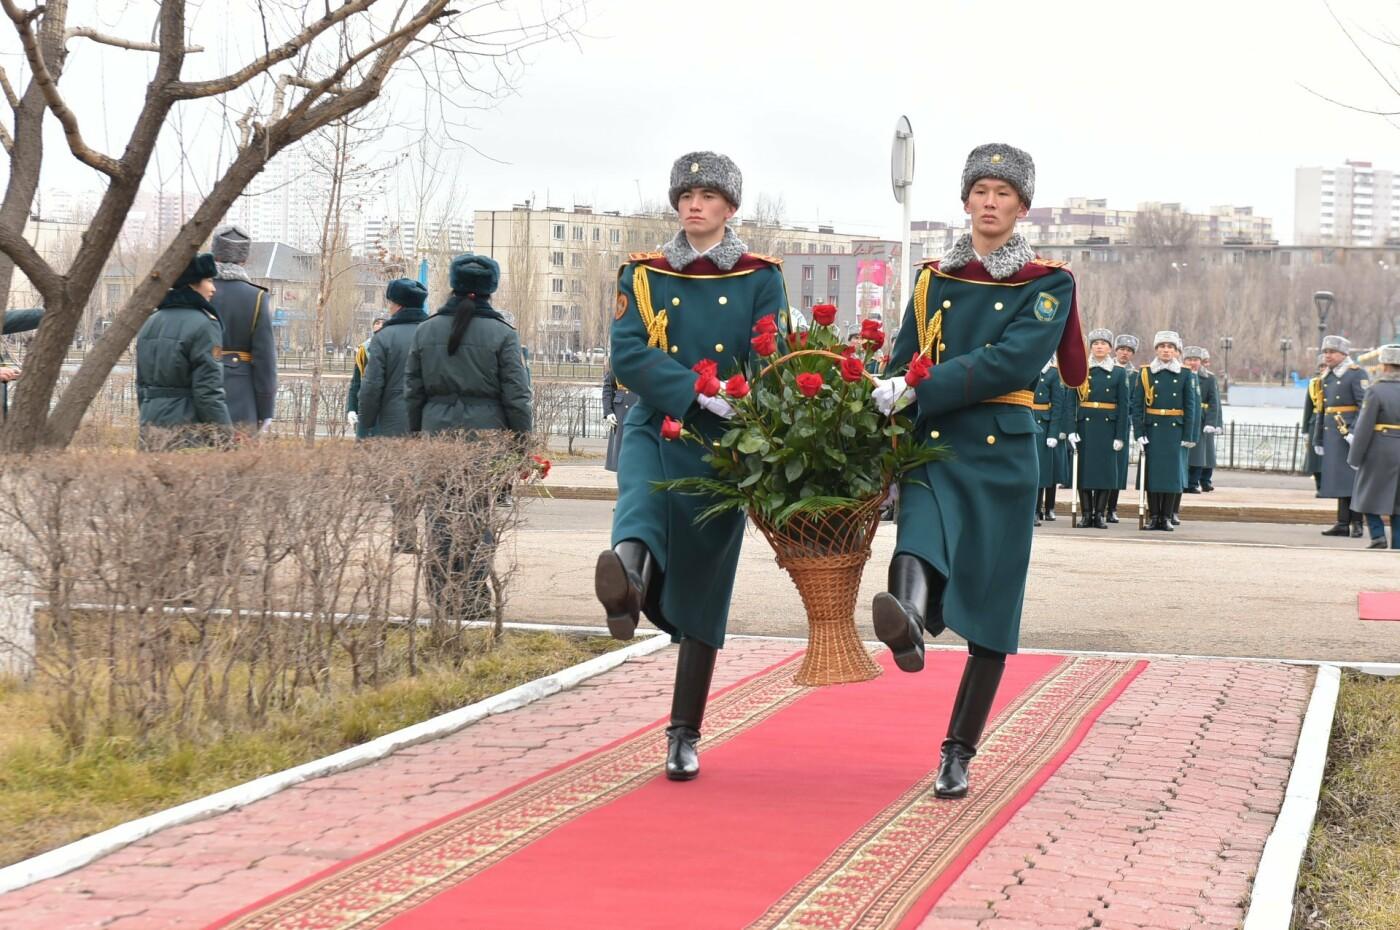 В Казахстане снимут фильм и сериал о подвиге военнослужащих республики, фото-2